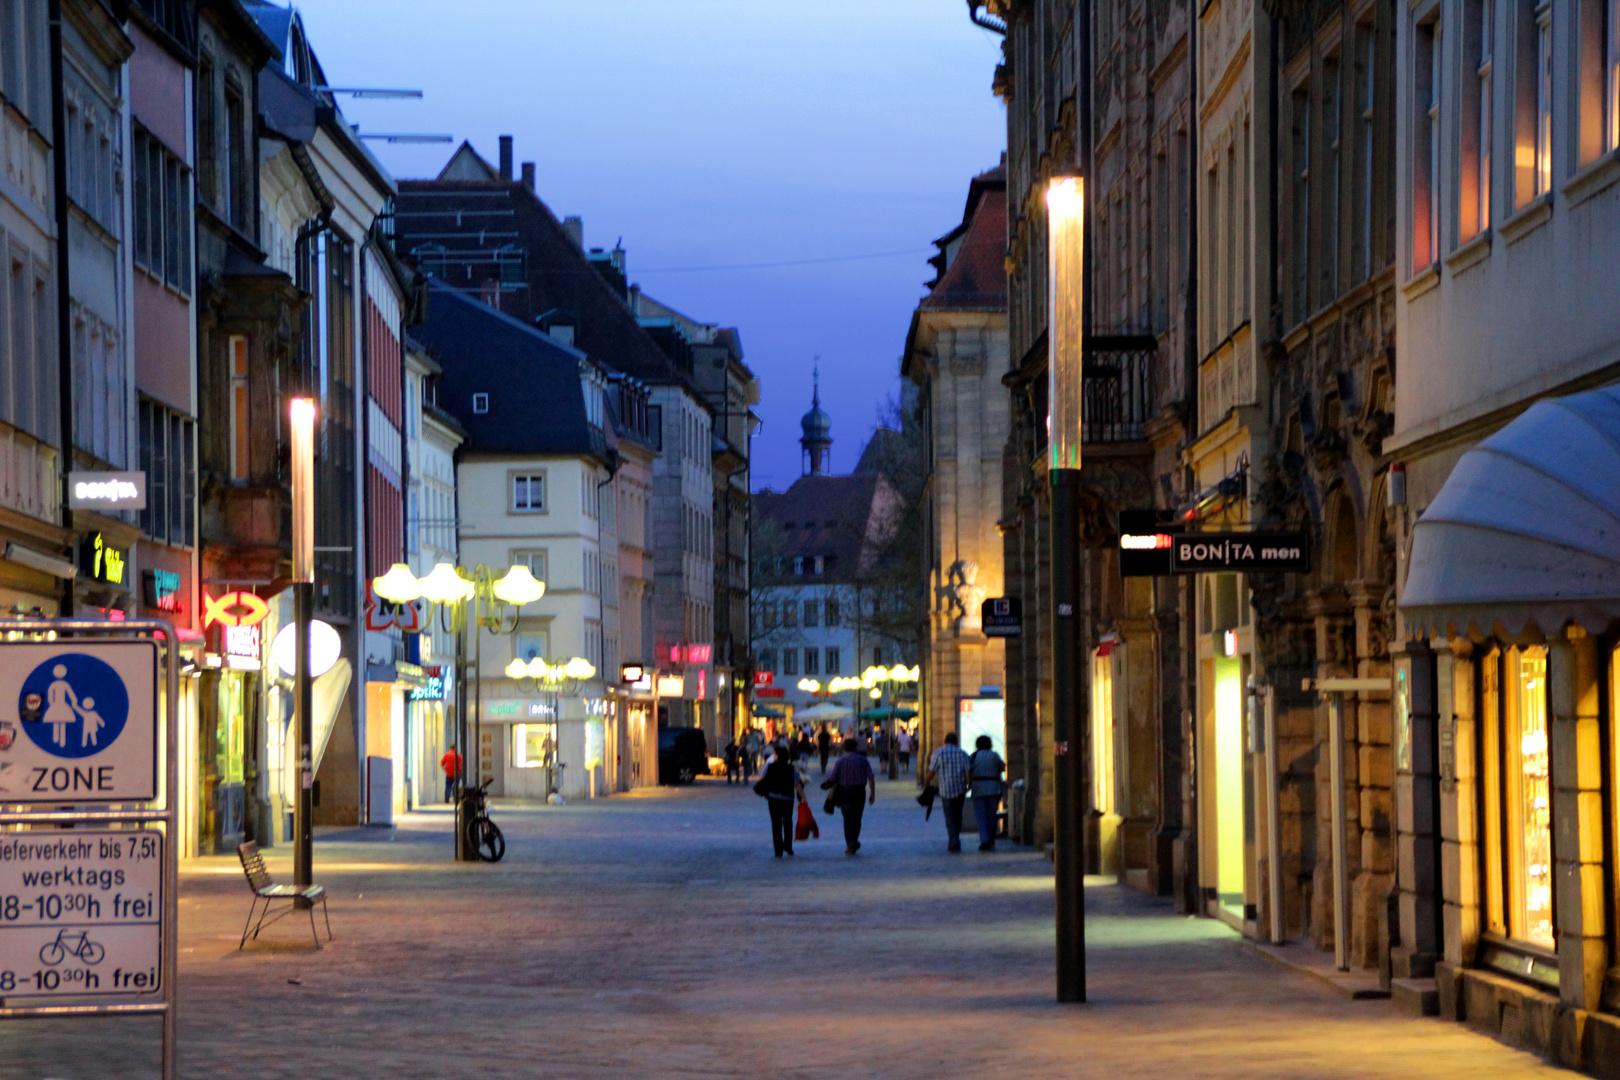 Abends in der Stadt